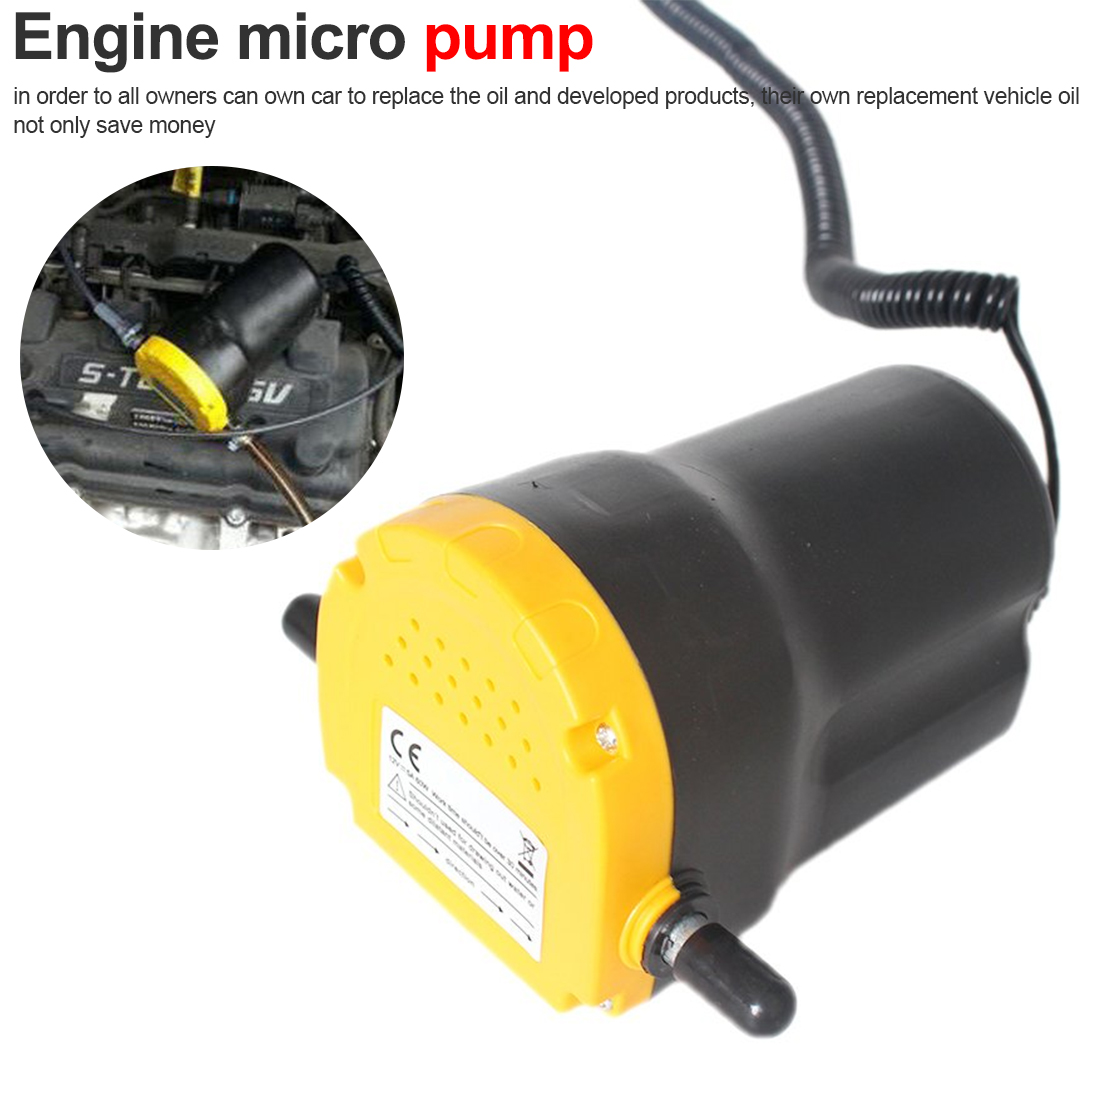 Pompe à huile de moteur de voiture 24V 12V huile électrique/Diesel fluide puisard extracteur Scavenge échange transfert de carburant pompe d'aspiration bateau moto